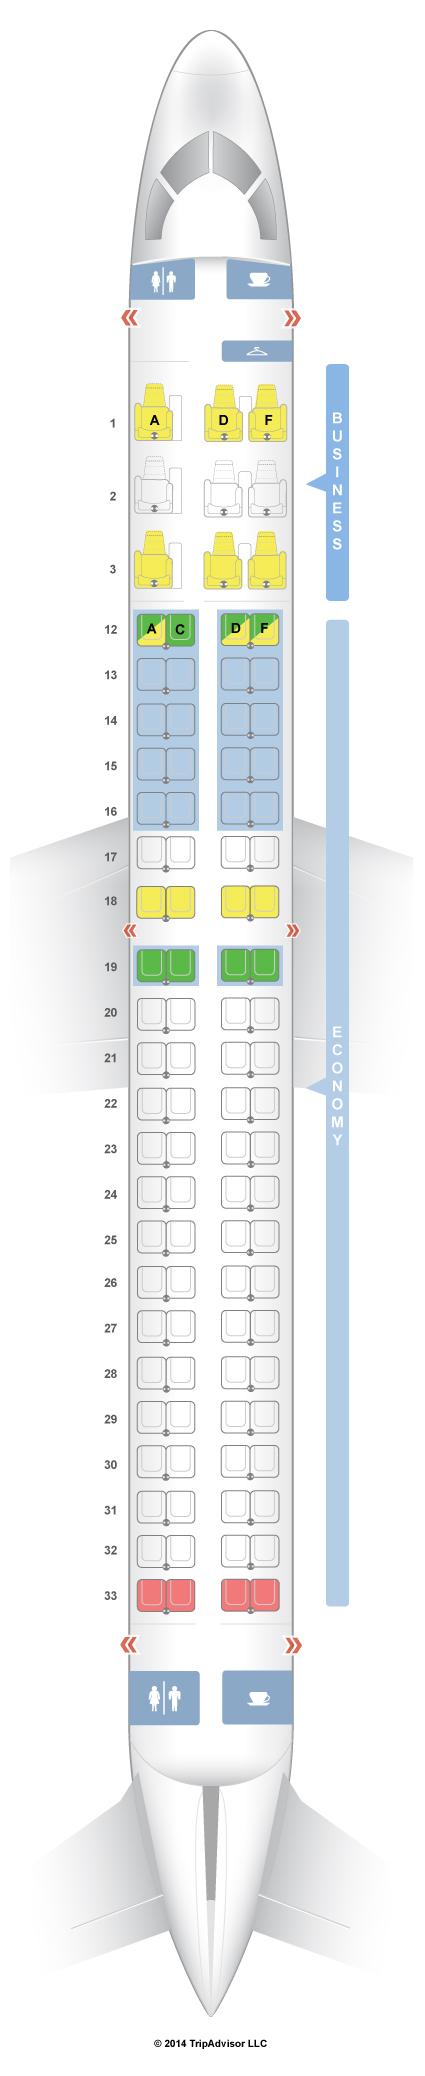 SeatGuru Seat Map Air Canada Embraer E 190